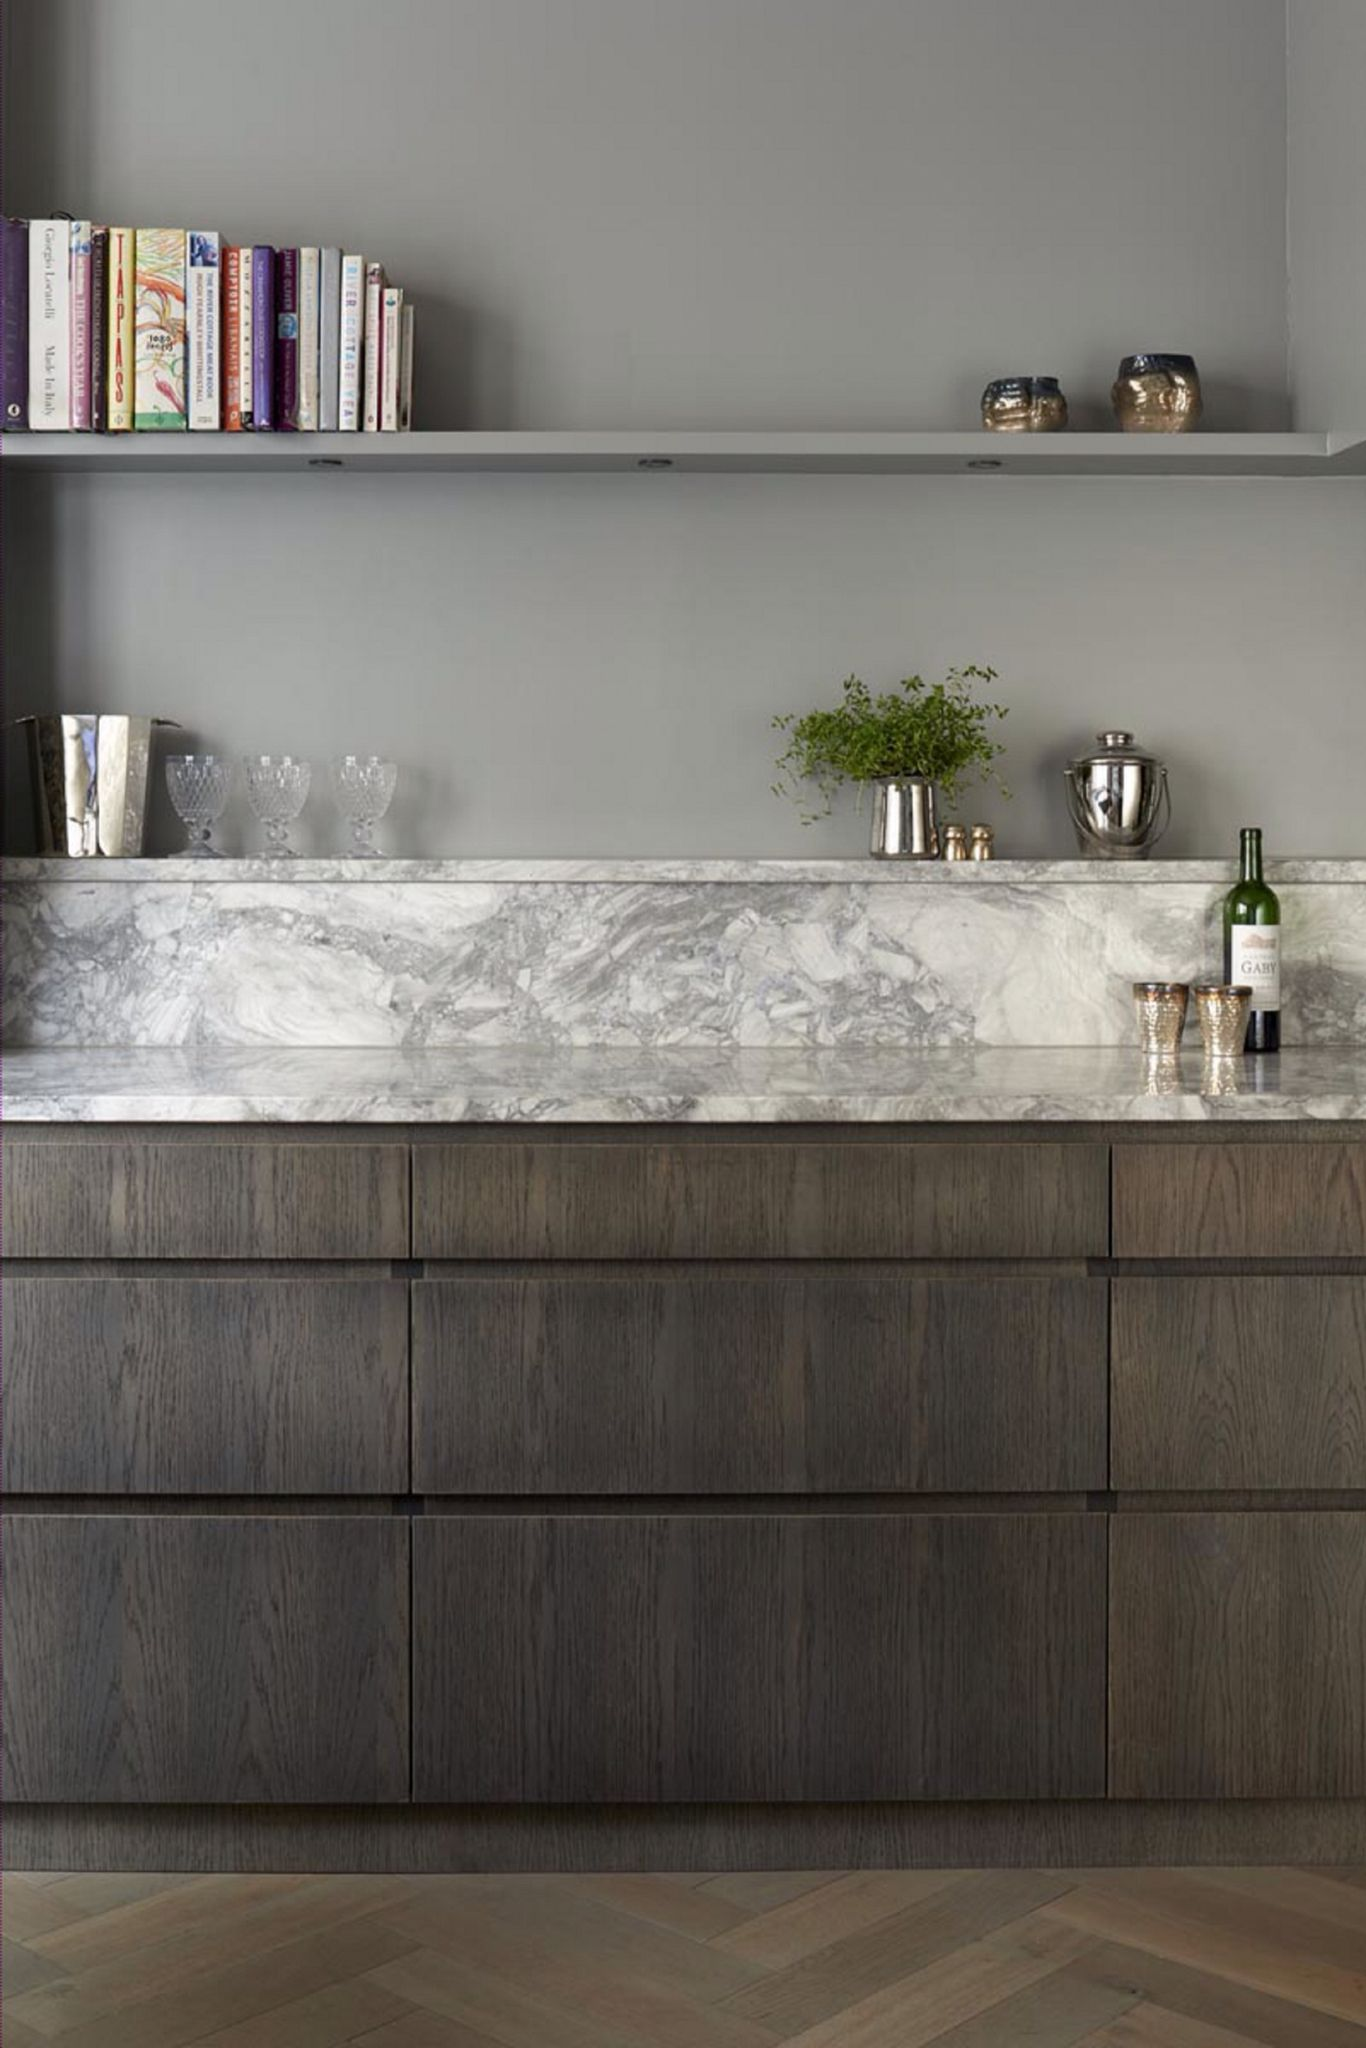 COCOON Kitchen Design Bycocoon.com | Kitchen Design Inspiration | Modern | Interior  Design |